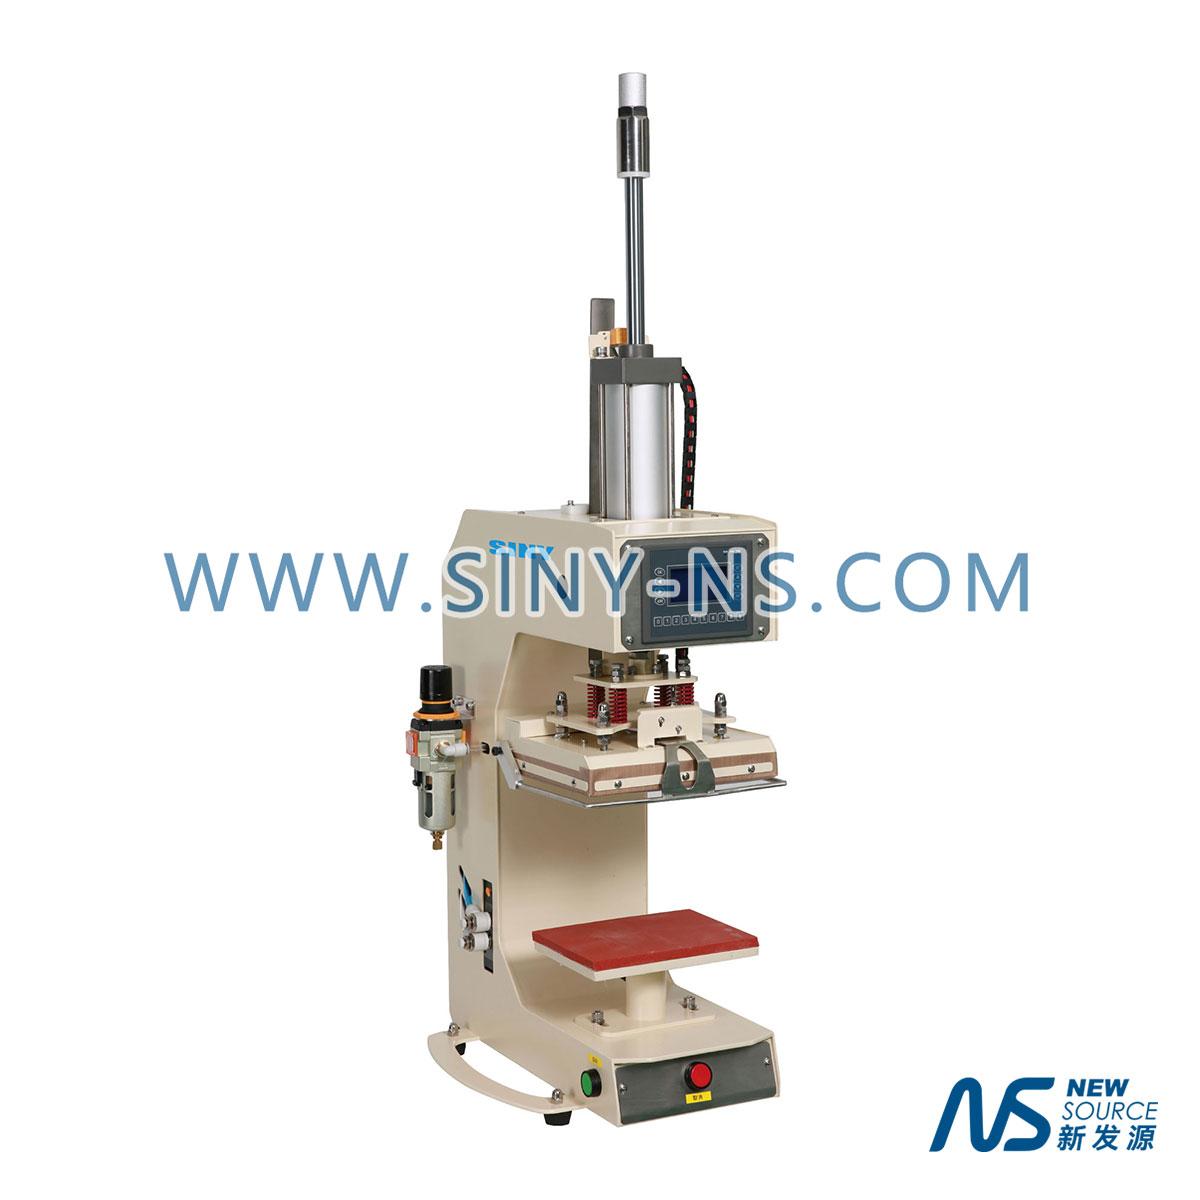 平面热压机-SLC-200